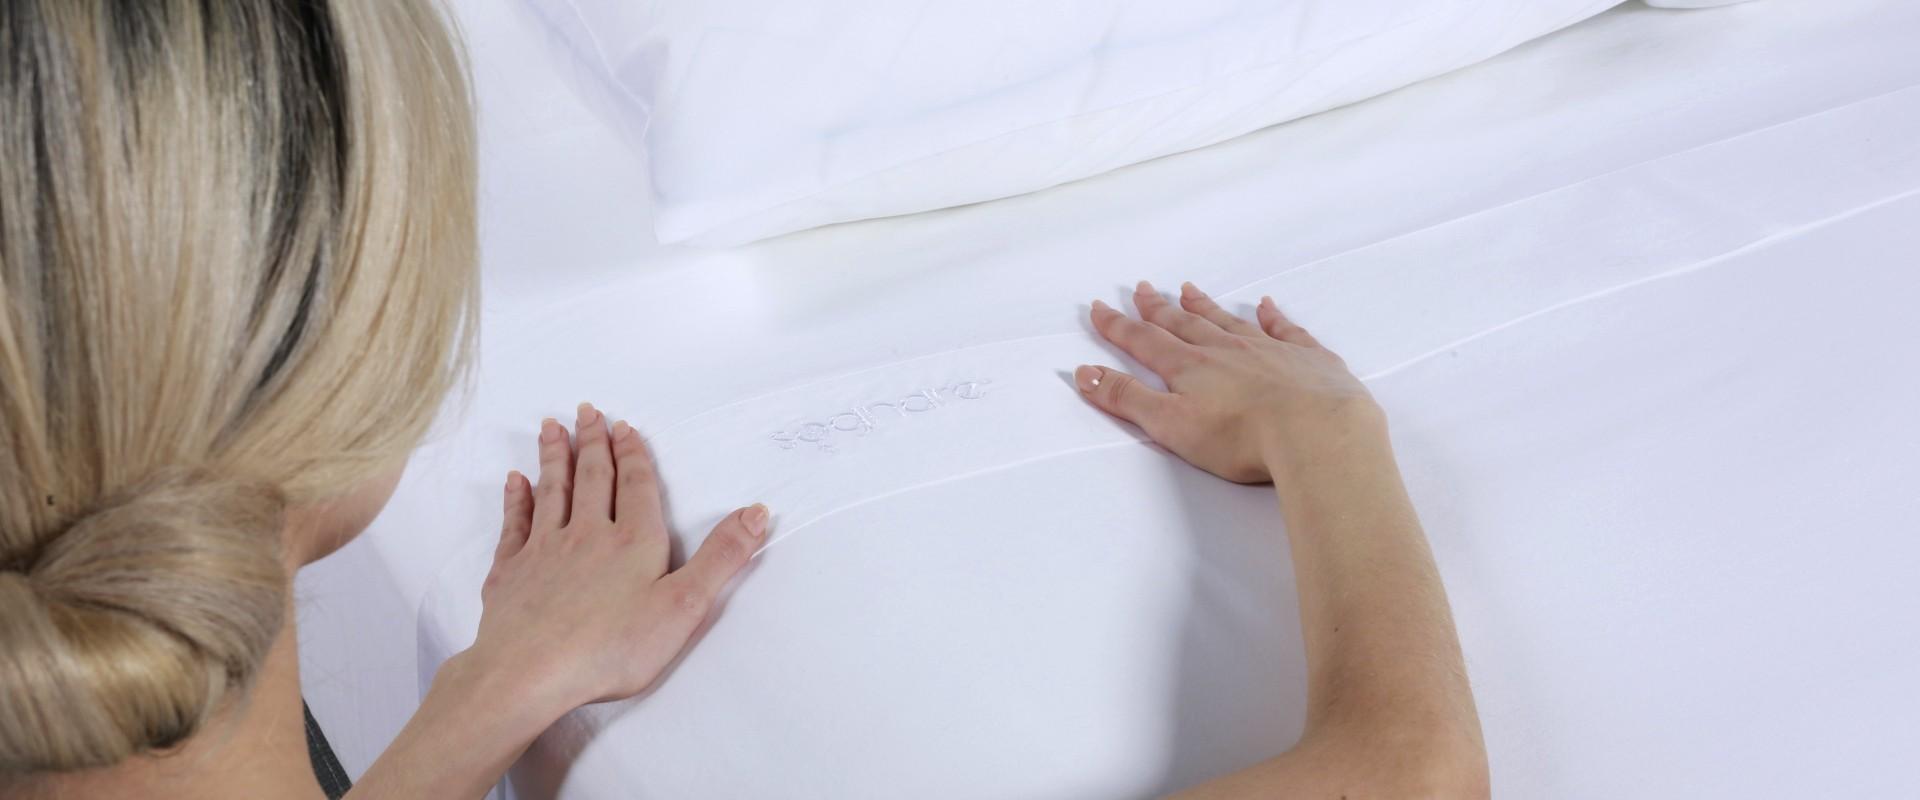 Descubre cómo hacer tu cama fácilmente con las Sábanas Sognare®